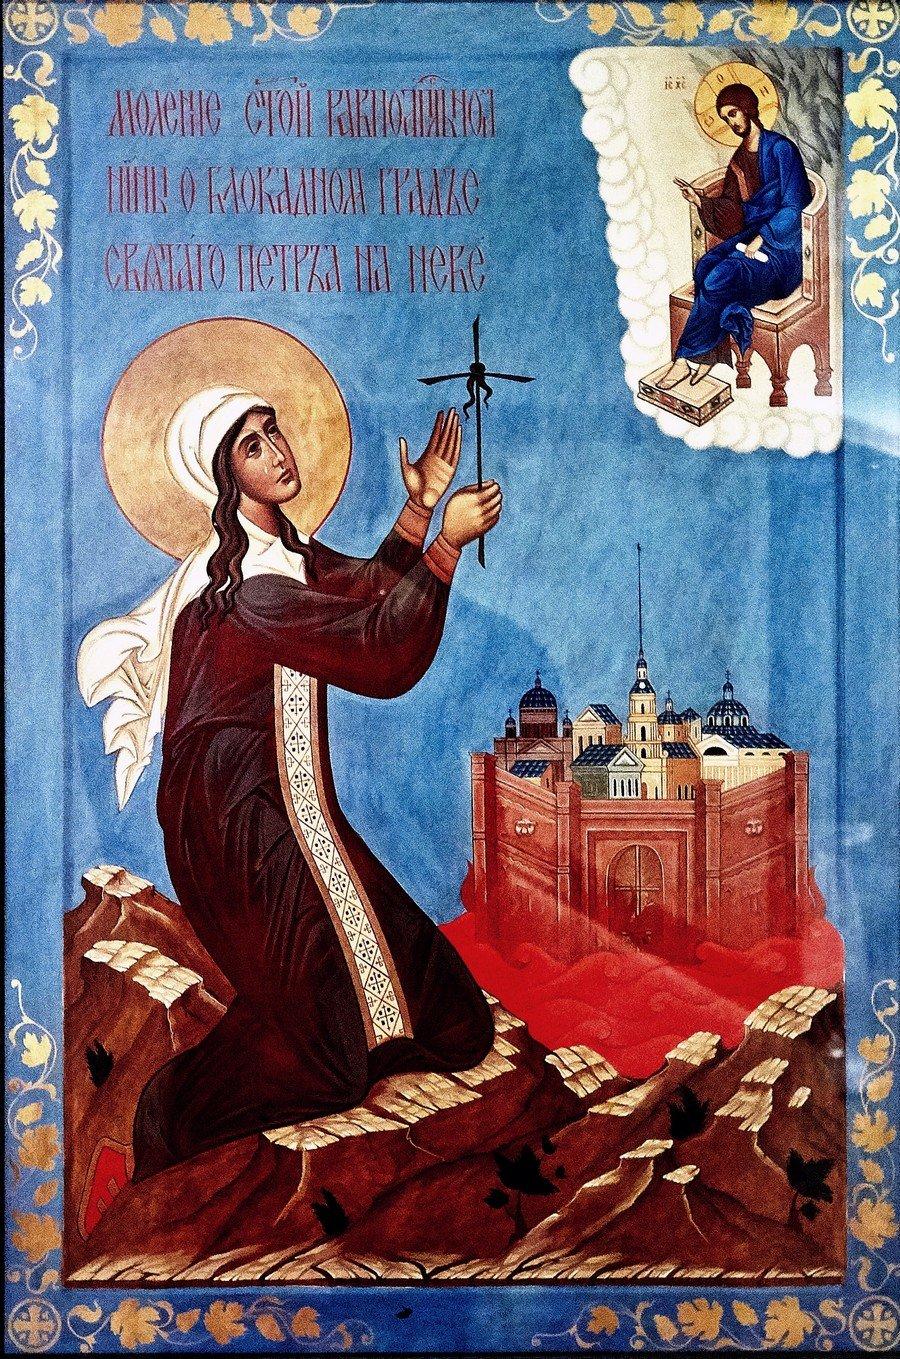 Моление Святой Равноапостольной Нины о блокадном граде Святого Петра на Неве.